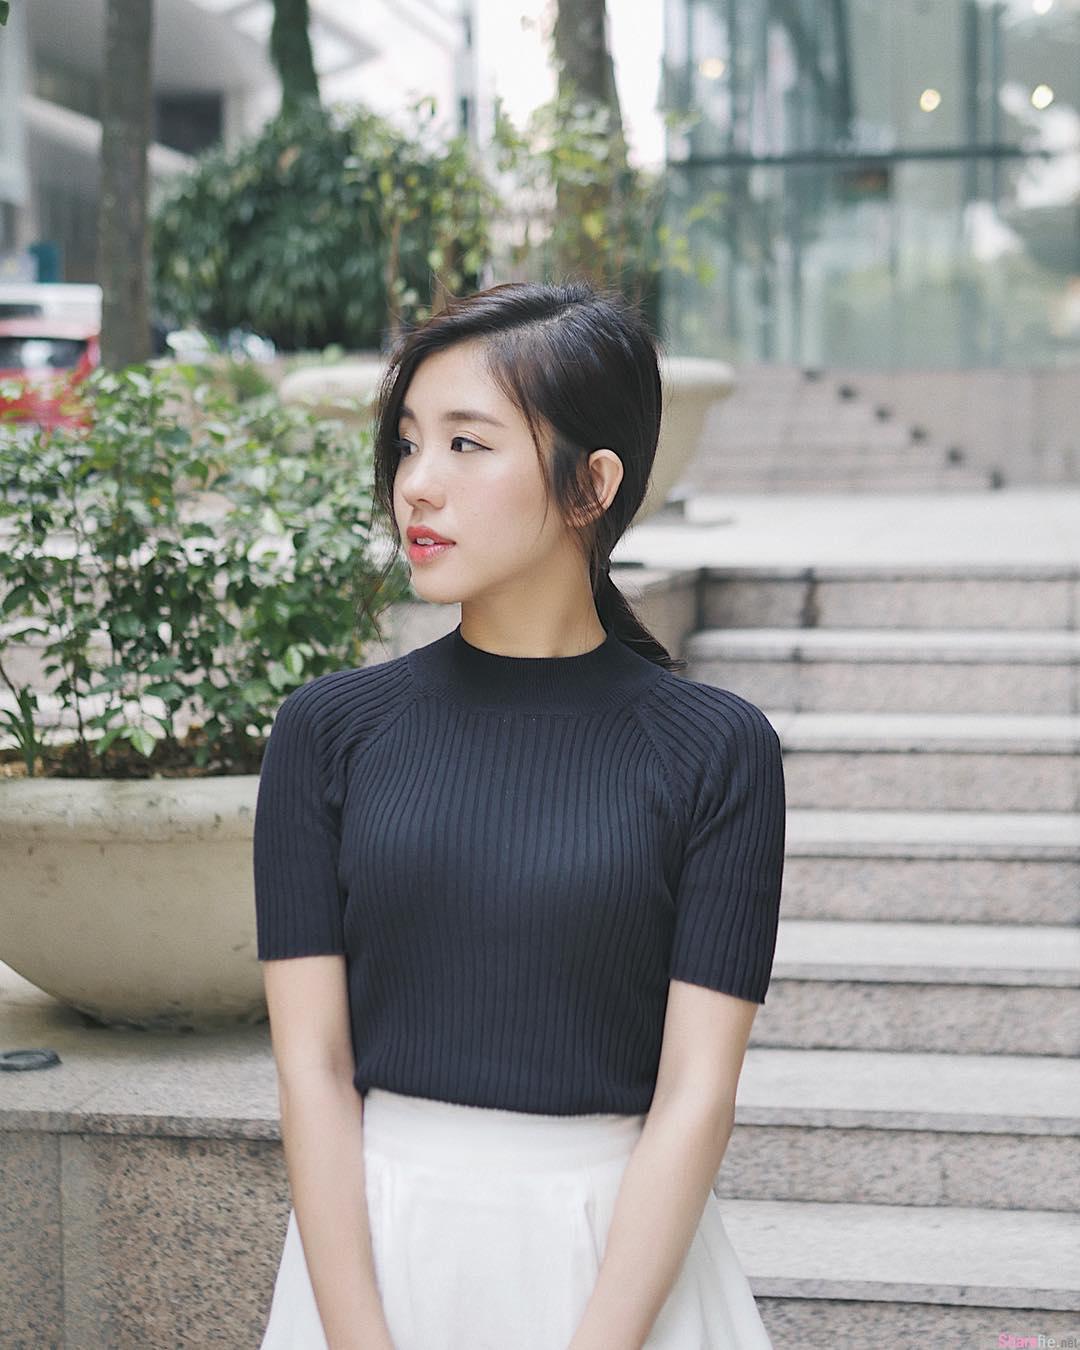 大马正妹Kelly Tan,性感热裤活力四射